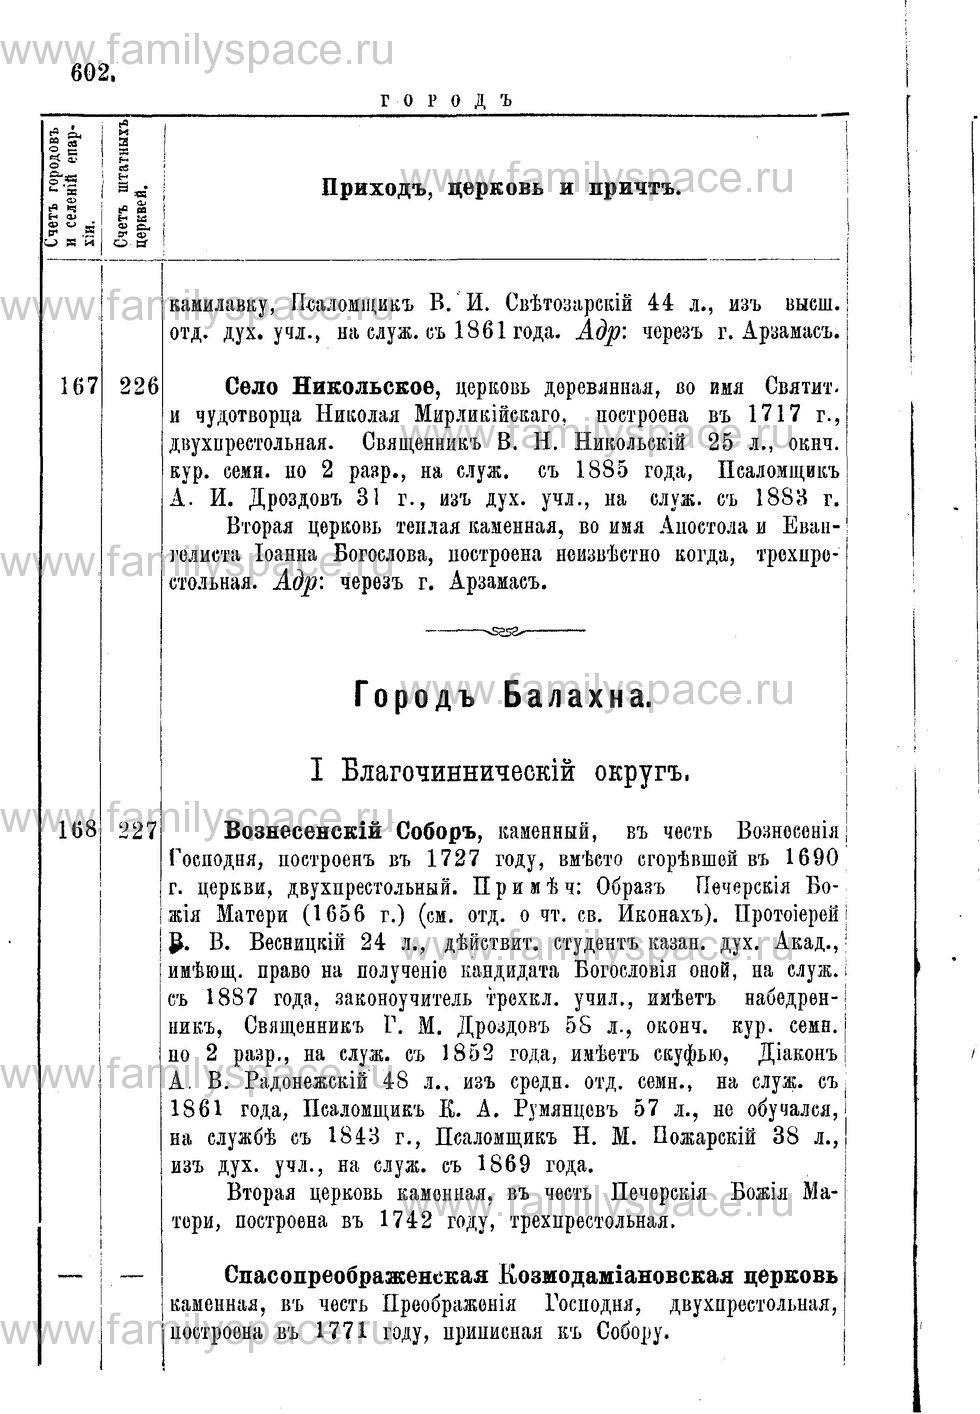 Поиск по фамилии - Адрес-календарь Нижегородской епархии на 1888 год, страница 1602